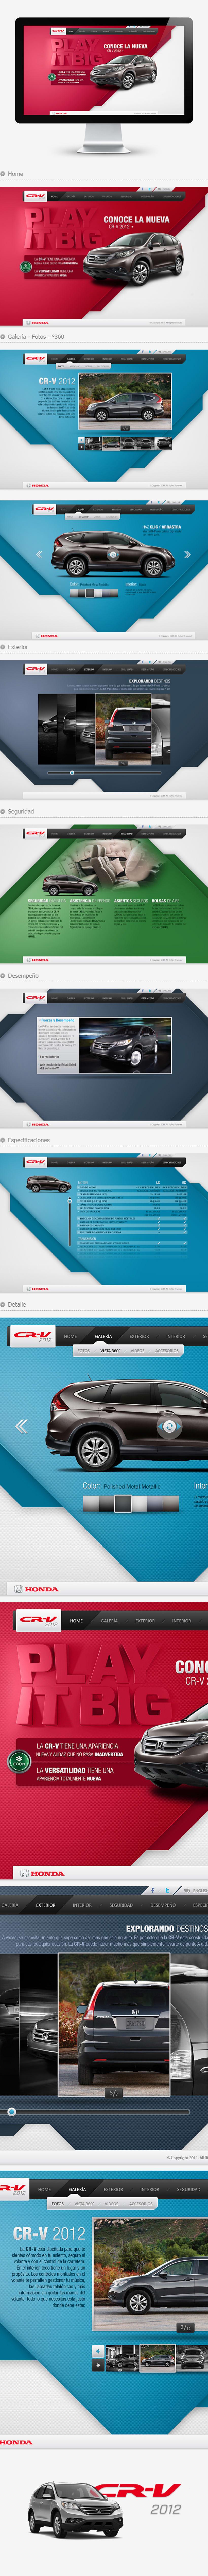 CR - V 2012 - Honda -1